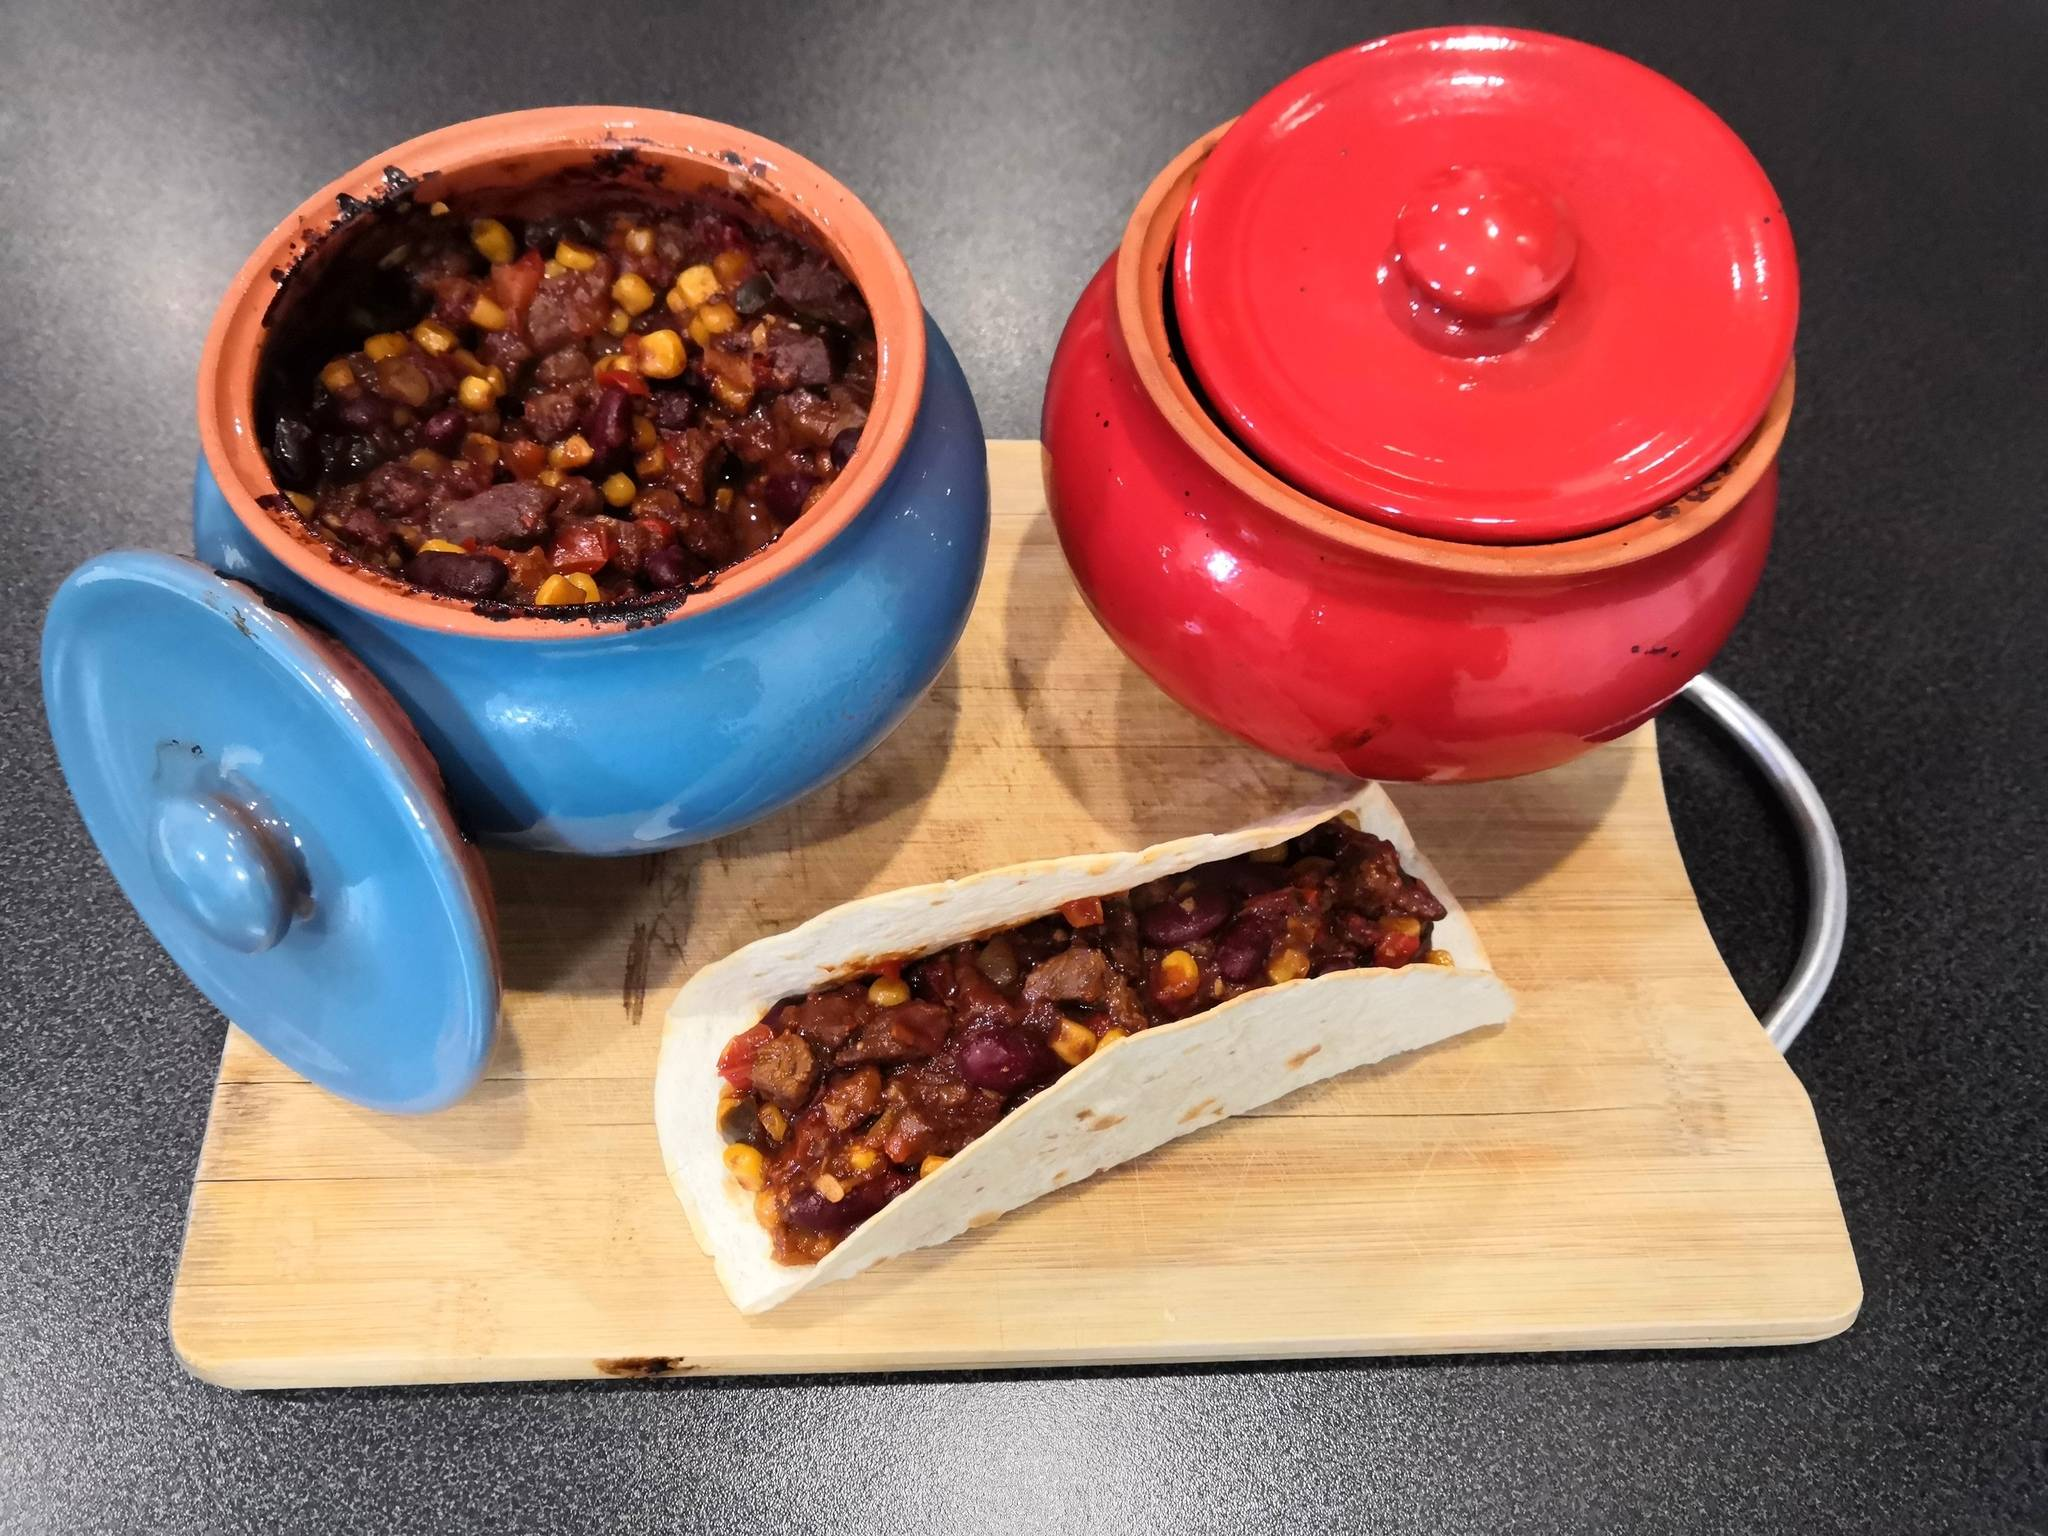 Чили кон карне классический и от джейми оливера: рецепты с фото